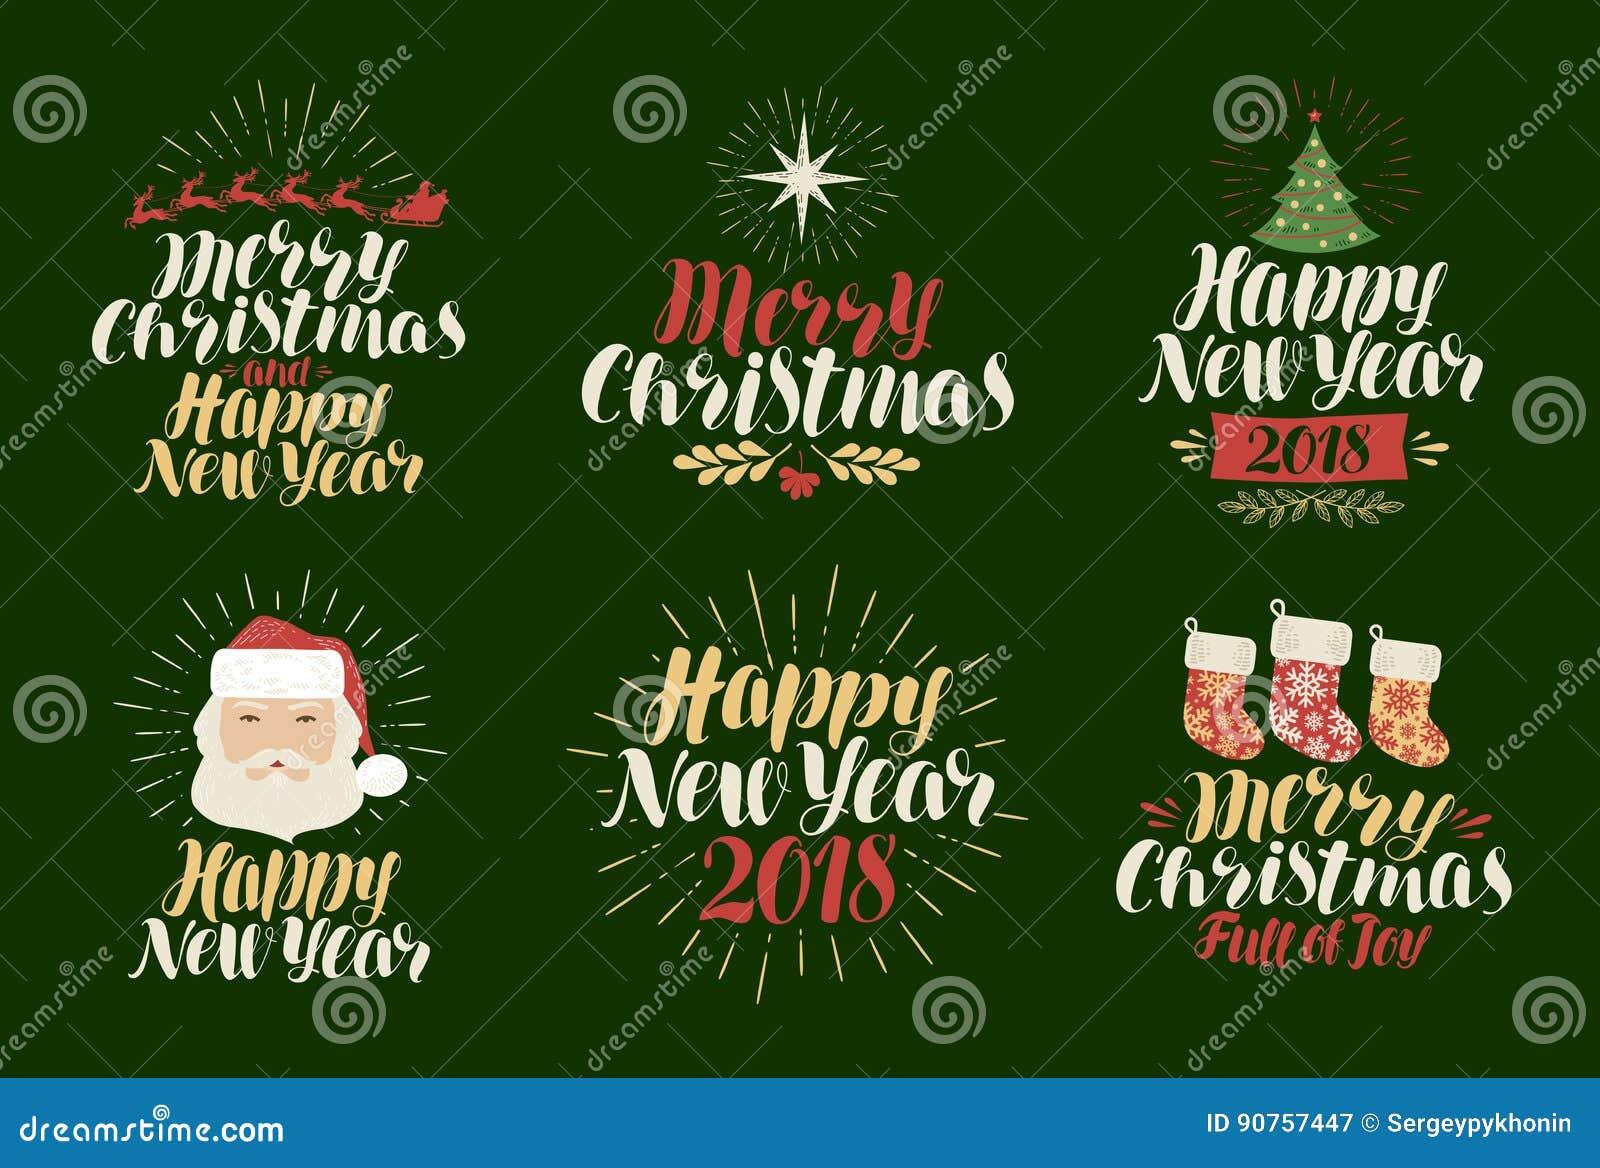 Frohe Weihnachten Guten Rutsch Ins Neue Jahr.Frohe Weihnachten Guten Rutsch Ins Neue Jahr Kennsatzfamilie